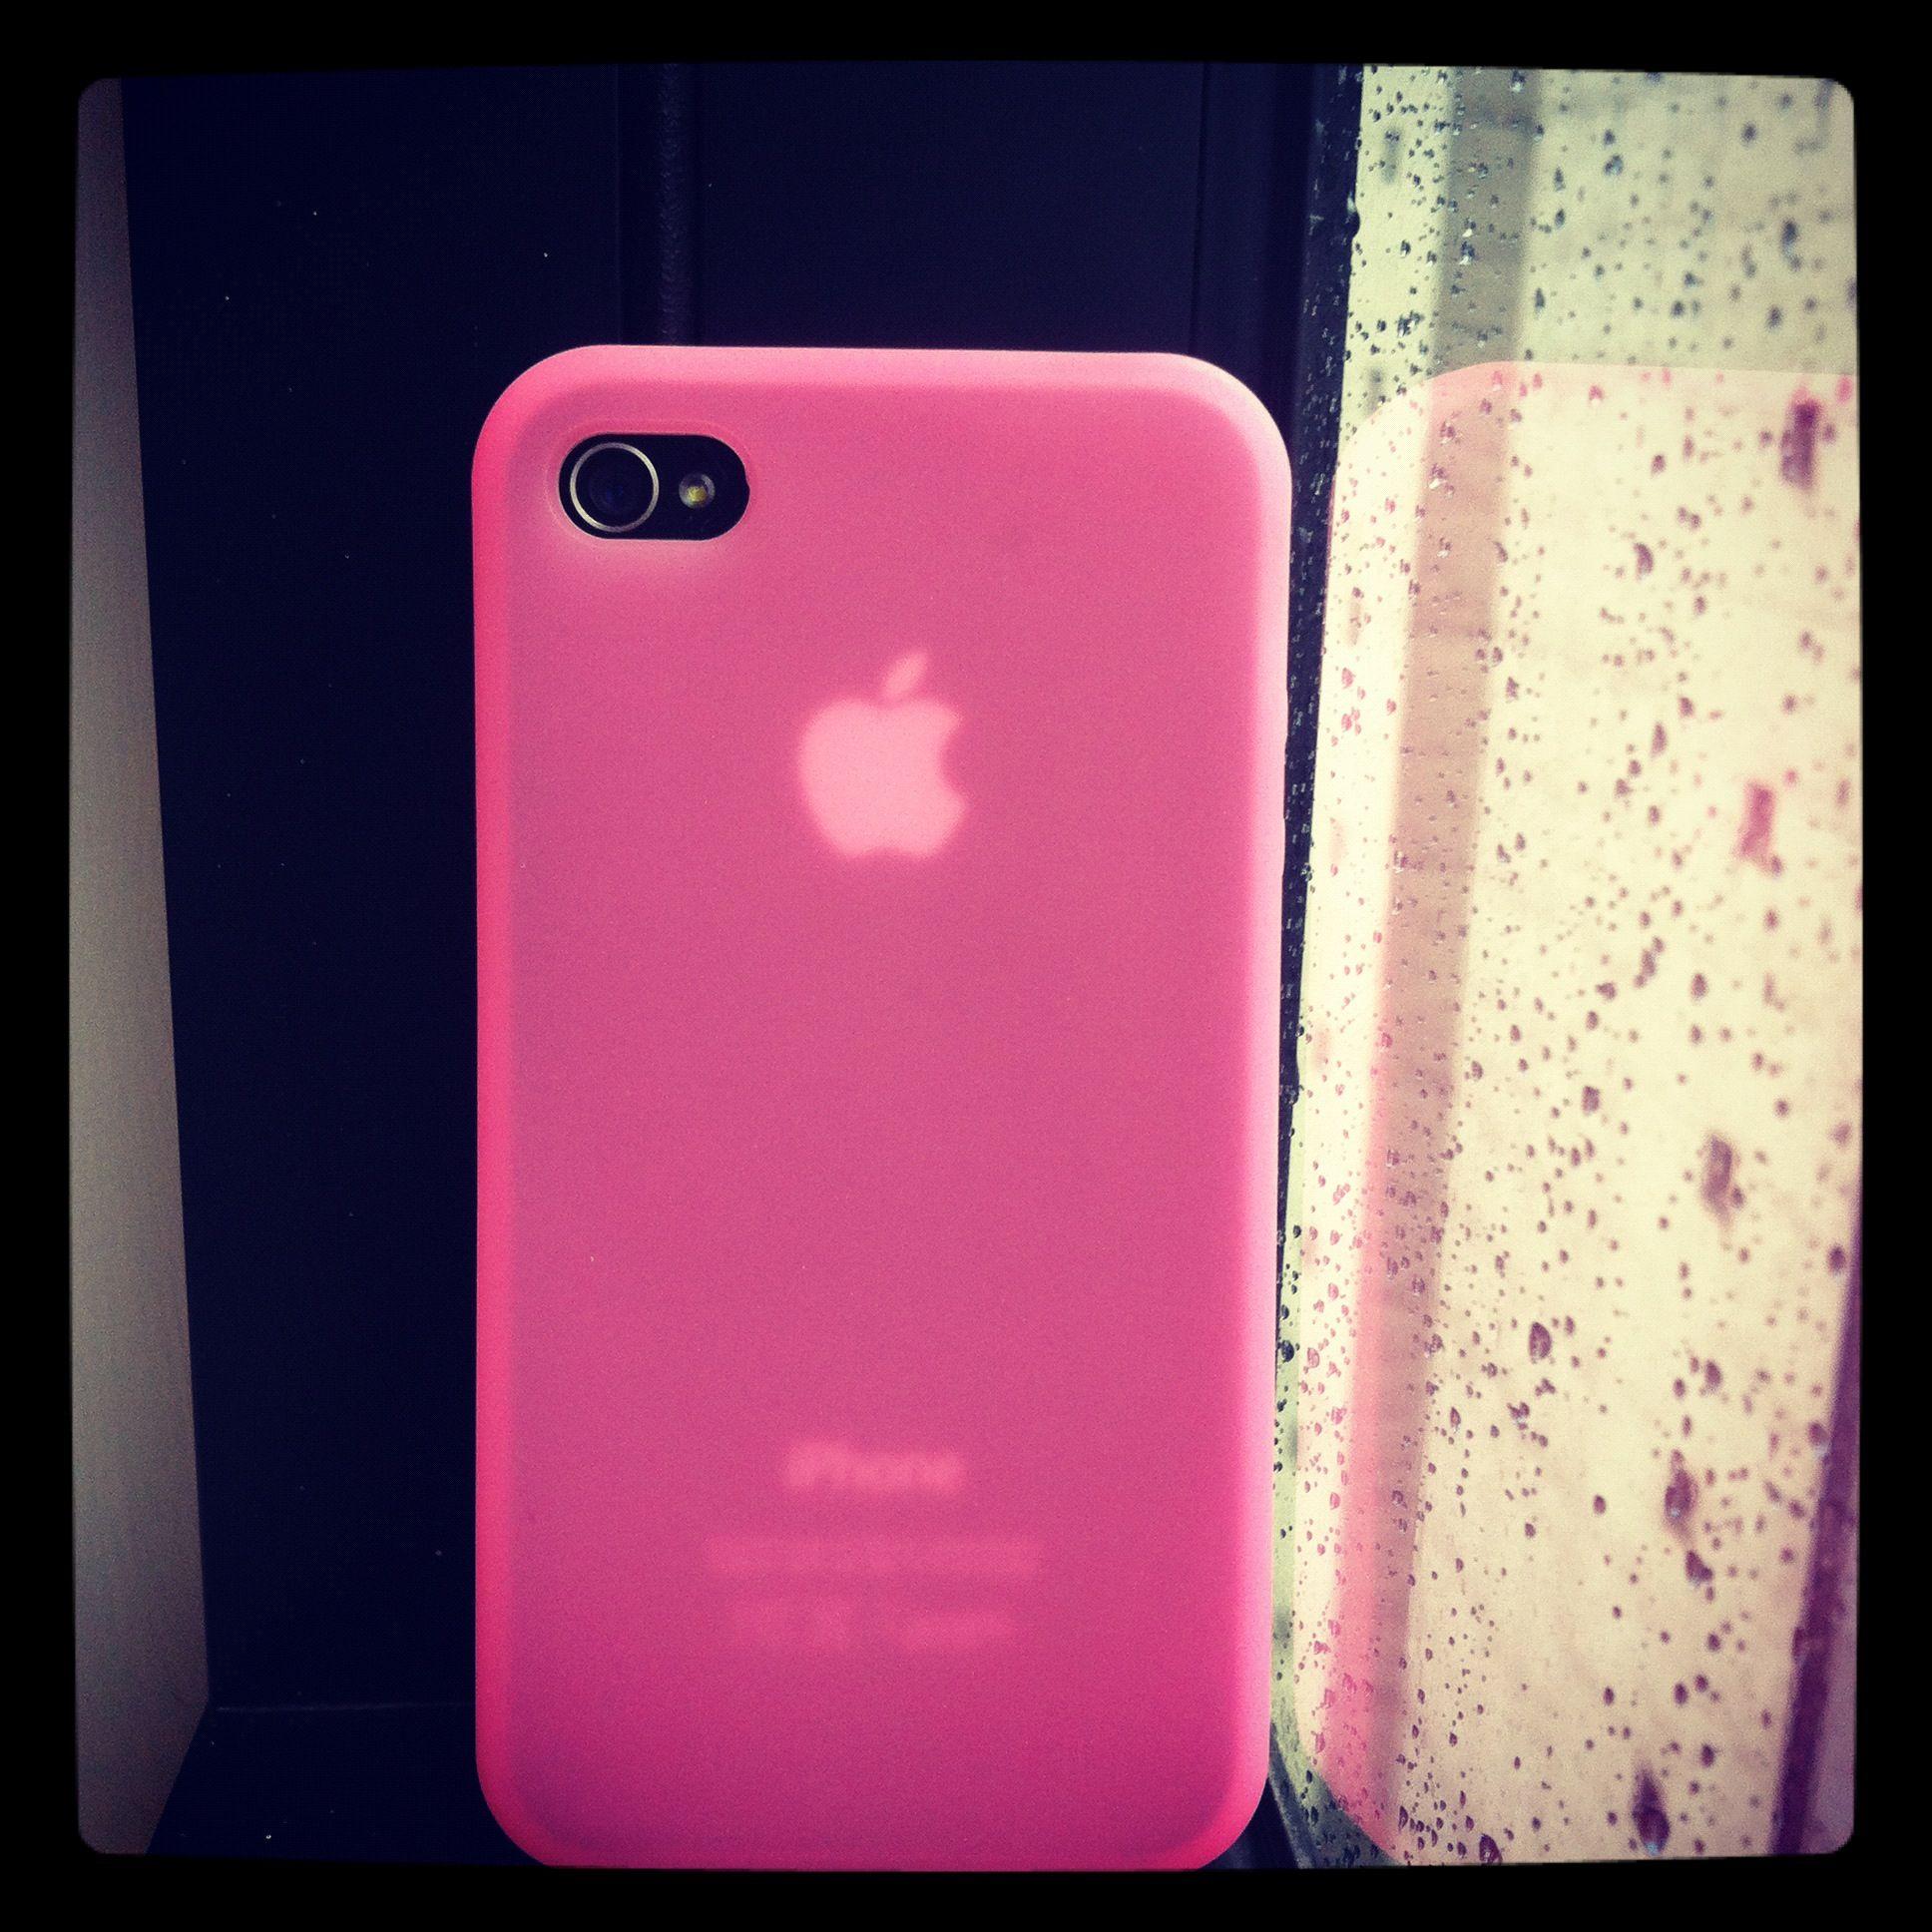 Capa de Silicone Rosa Translúcida para iPhone 4/4S